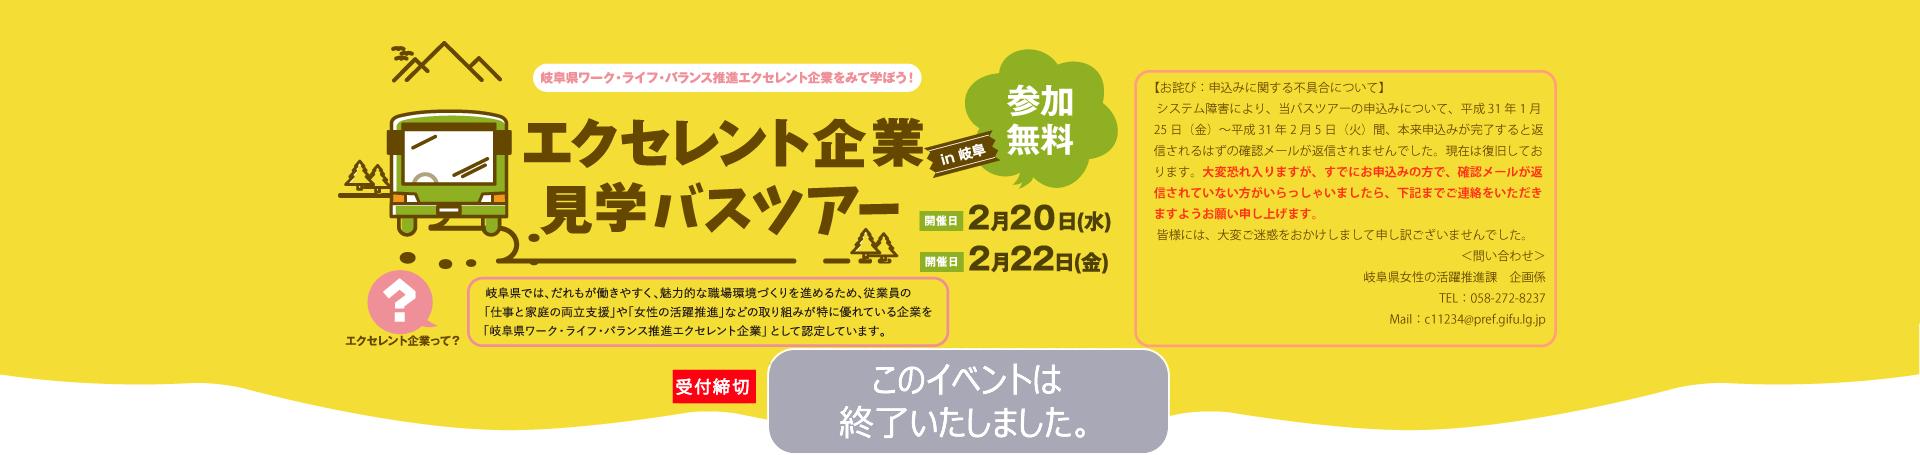 岐阜県ワーク・ライフ・バランス推進エクセレント企業をみて学ぼう!企業見学バスツアー